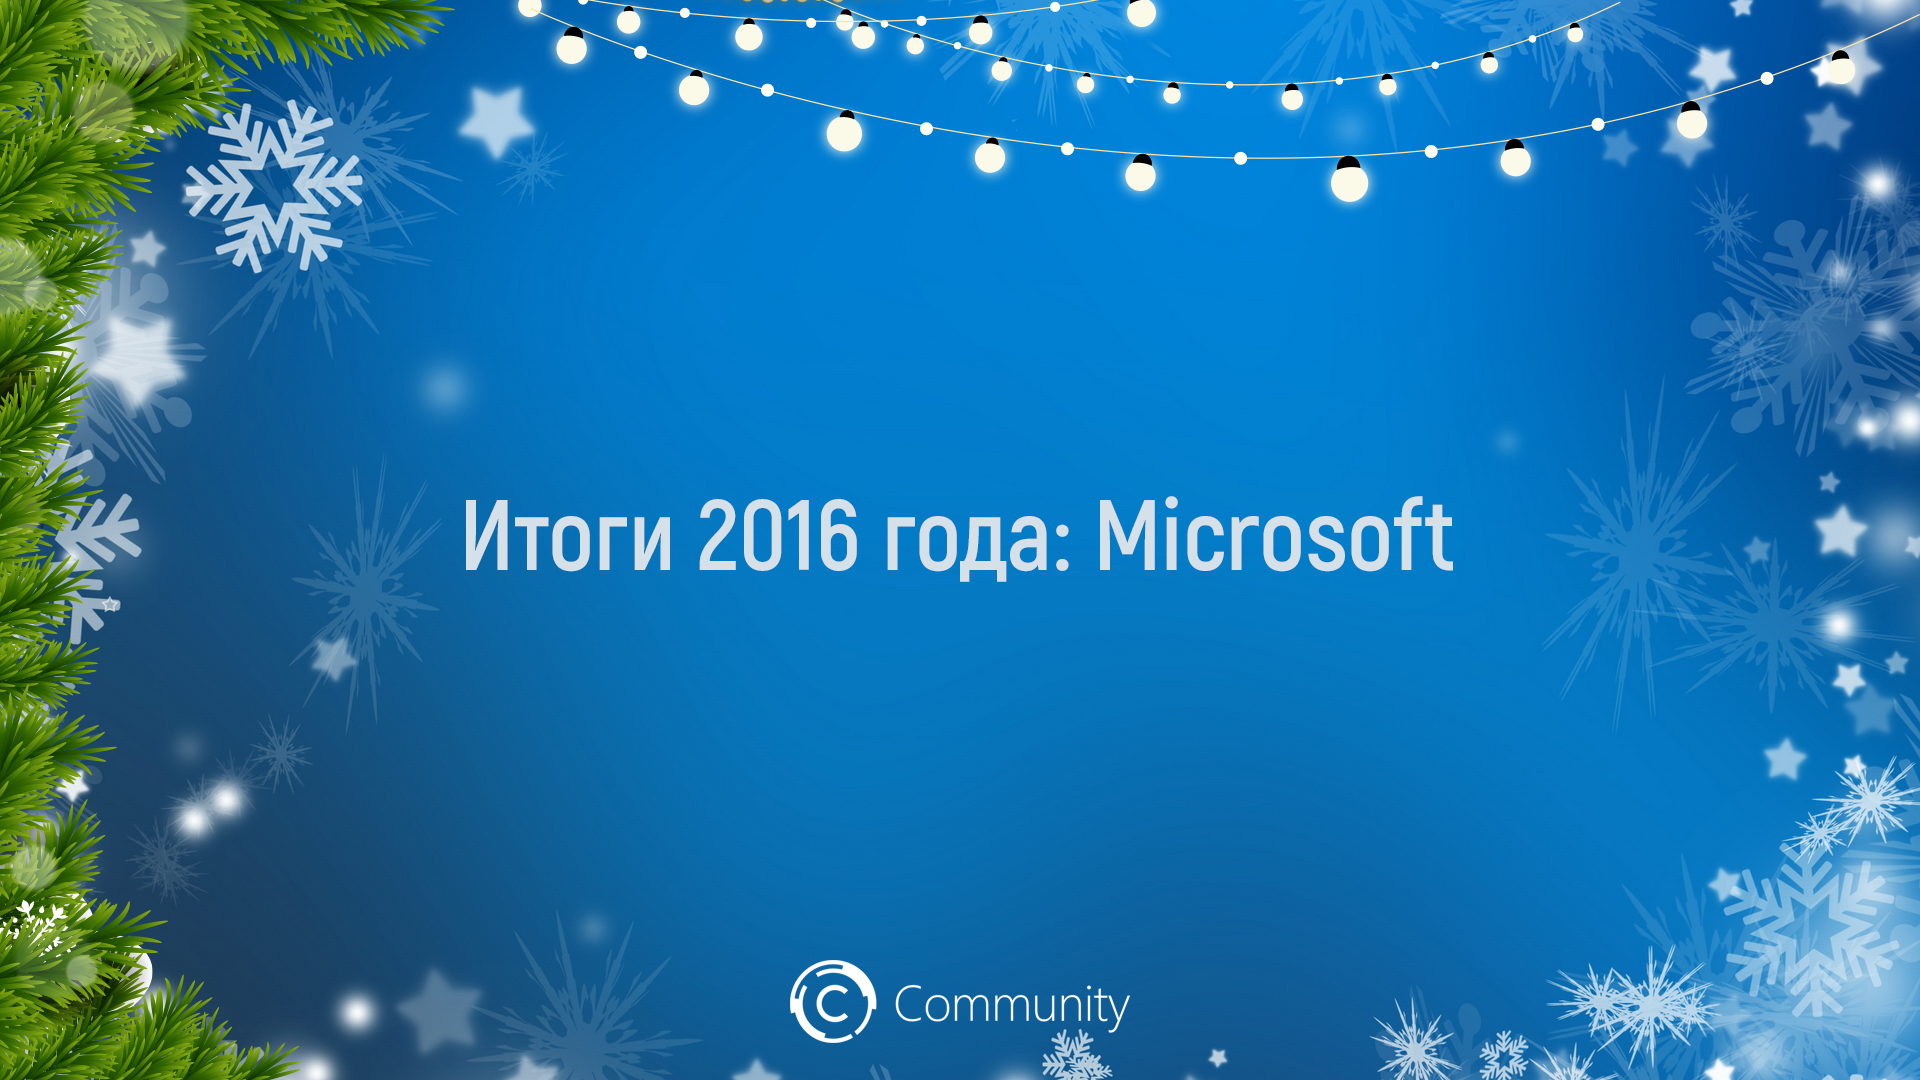 Итоги 2016 года: Microsoft (текстовая версия)